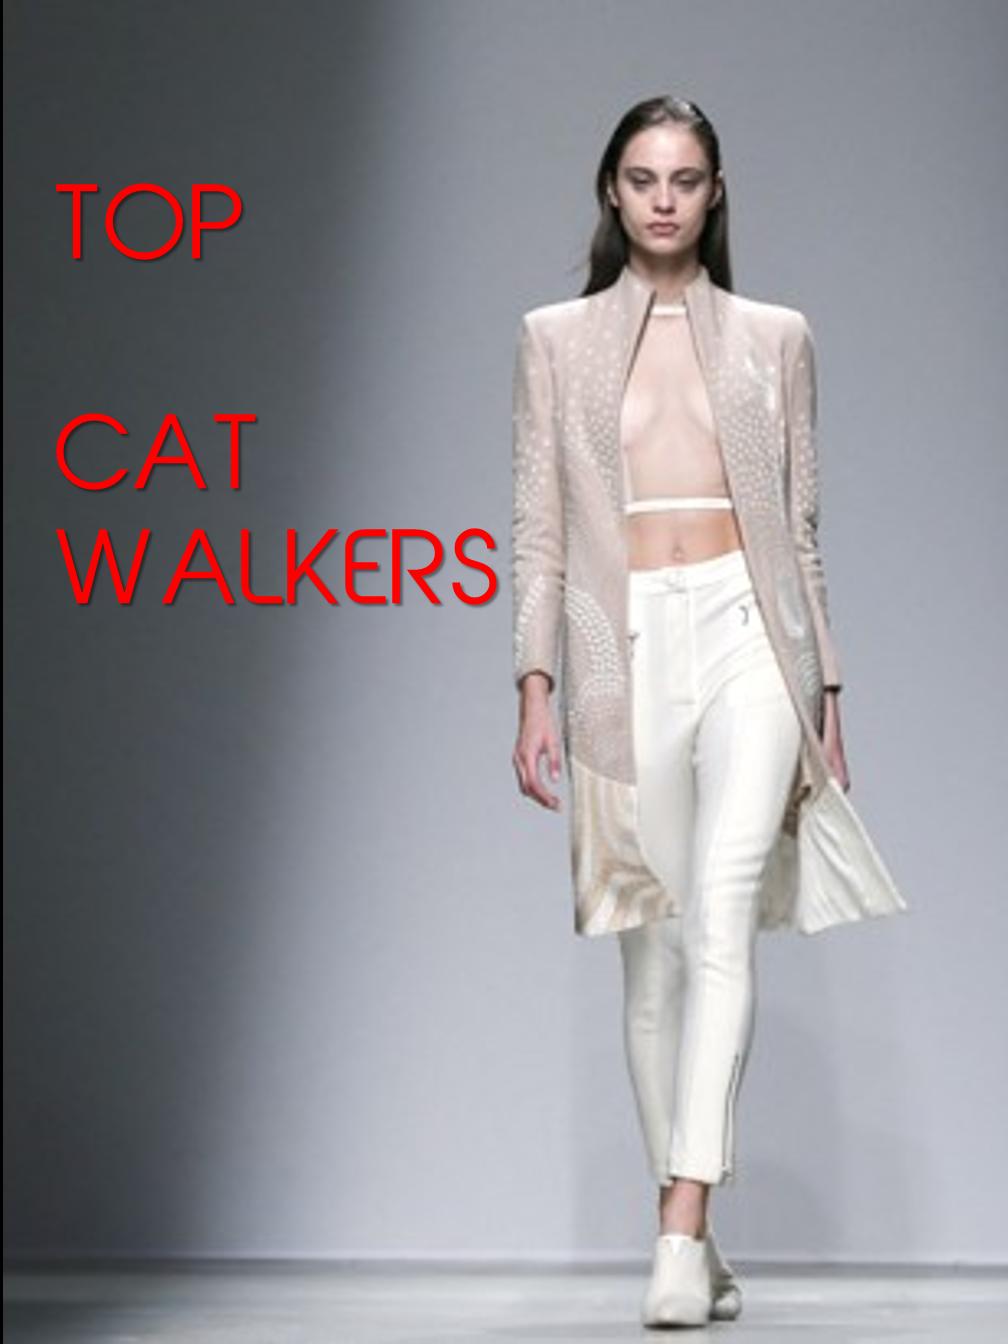 Top Catwalkers